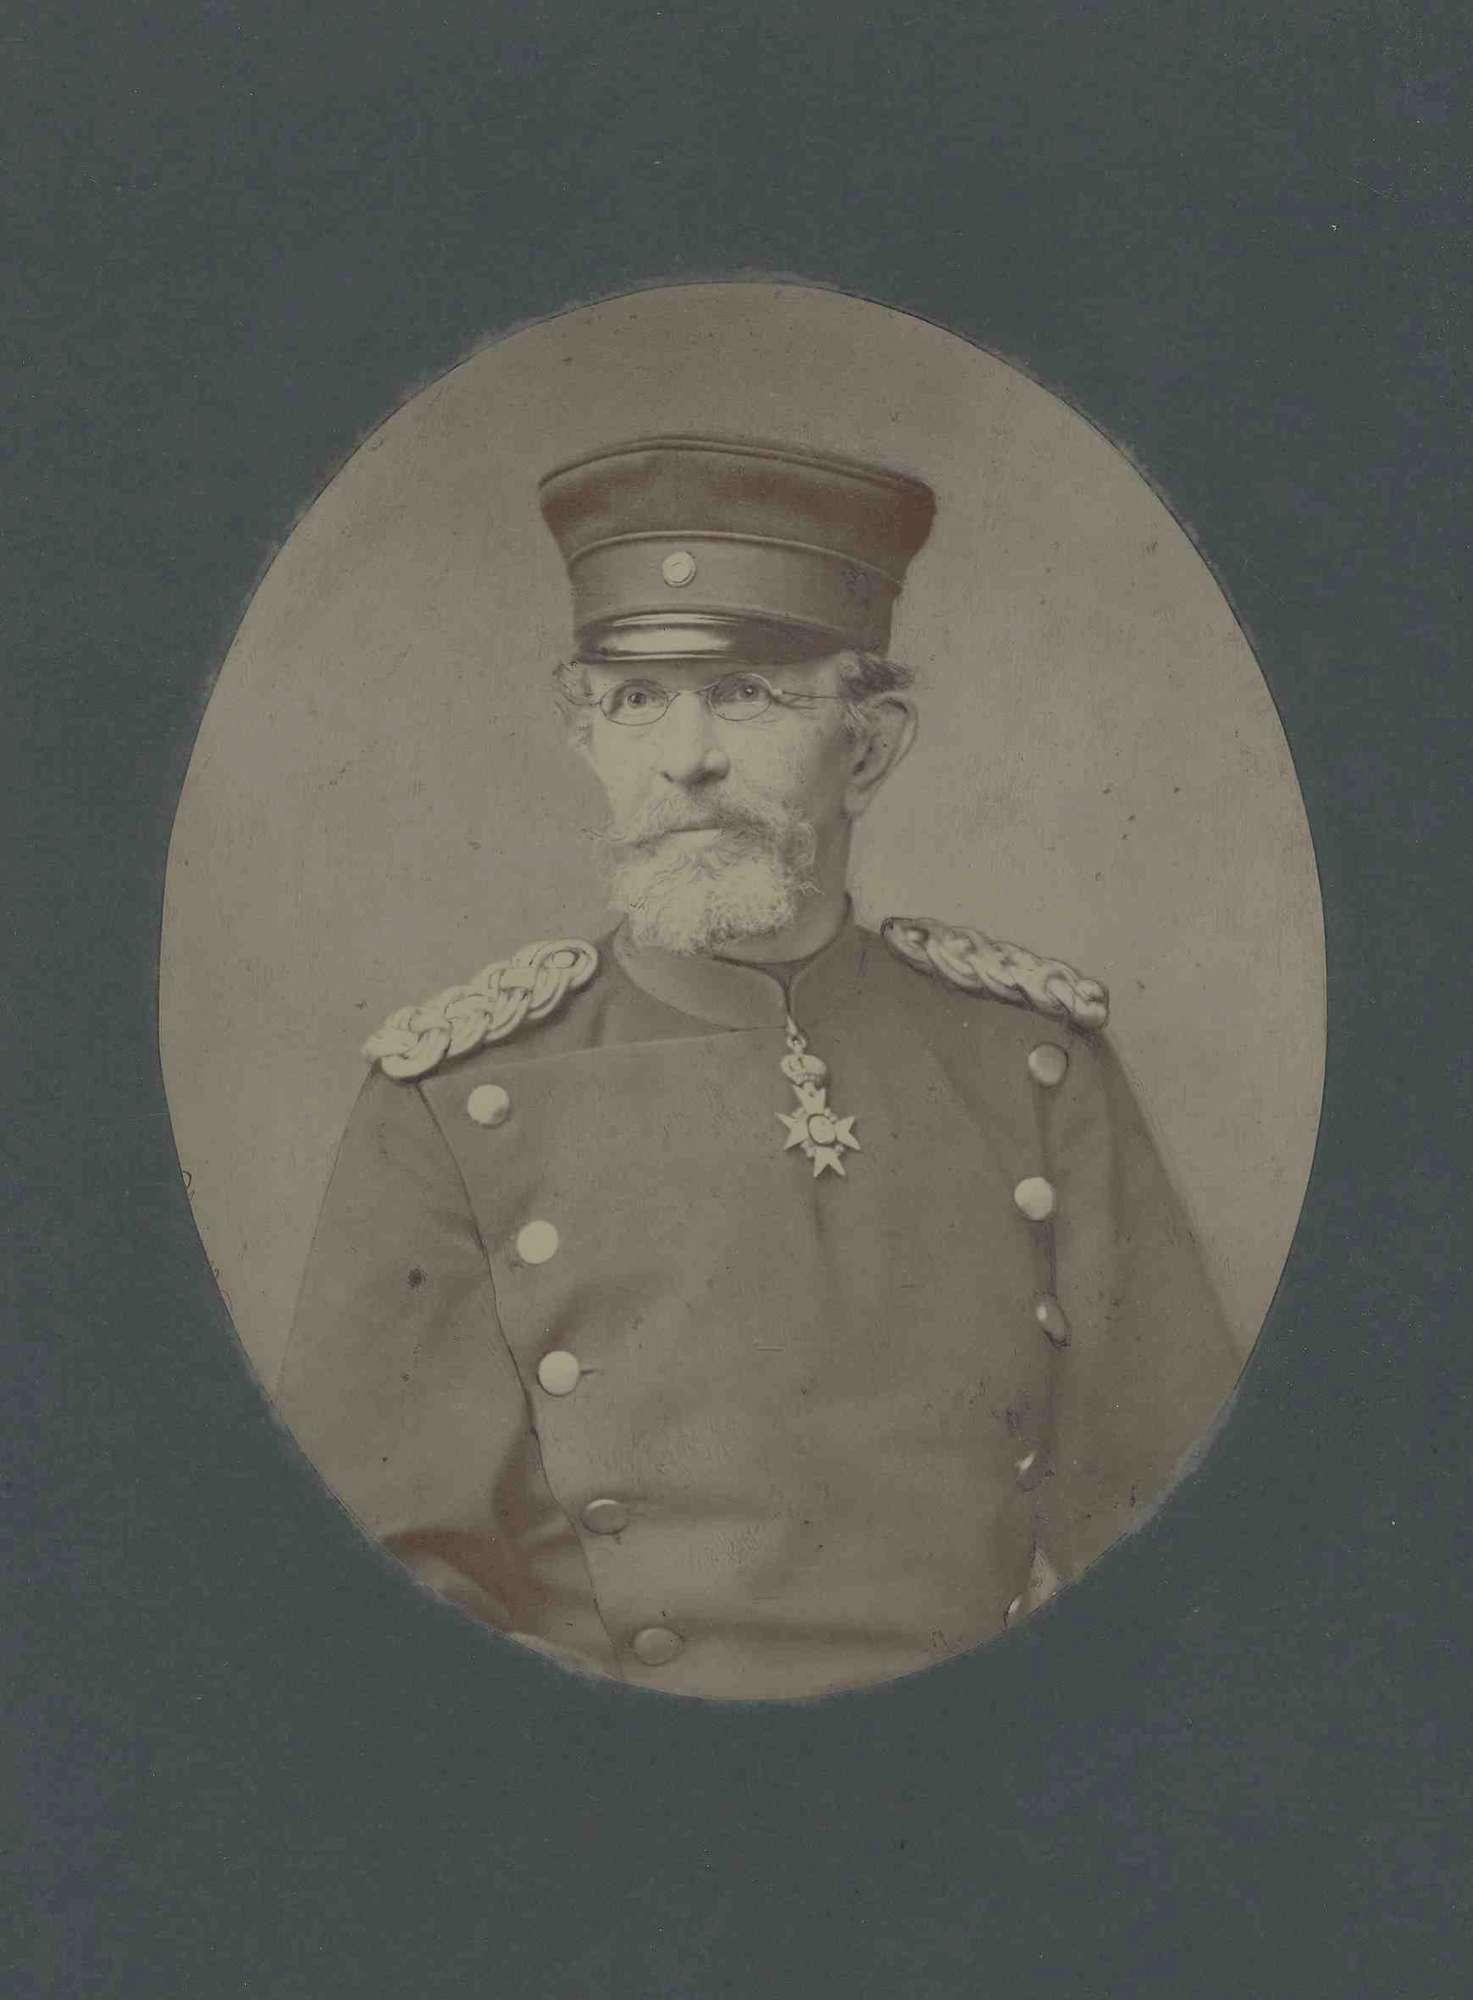 Theodor von Wundt, Generalmajor, Kriegsminister von 1874-1883 in Uniform, Mütze und Orden, Brustbild in Halbprofil, Bild 1